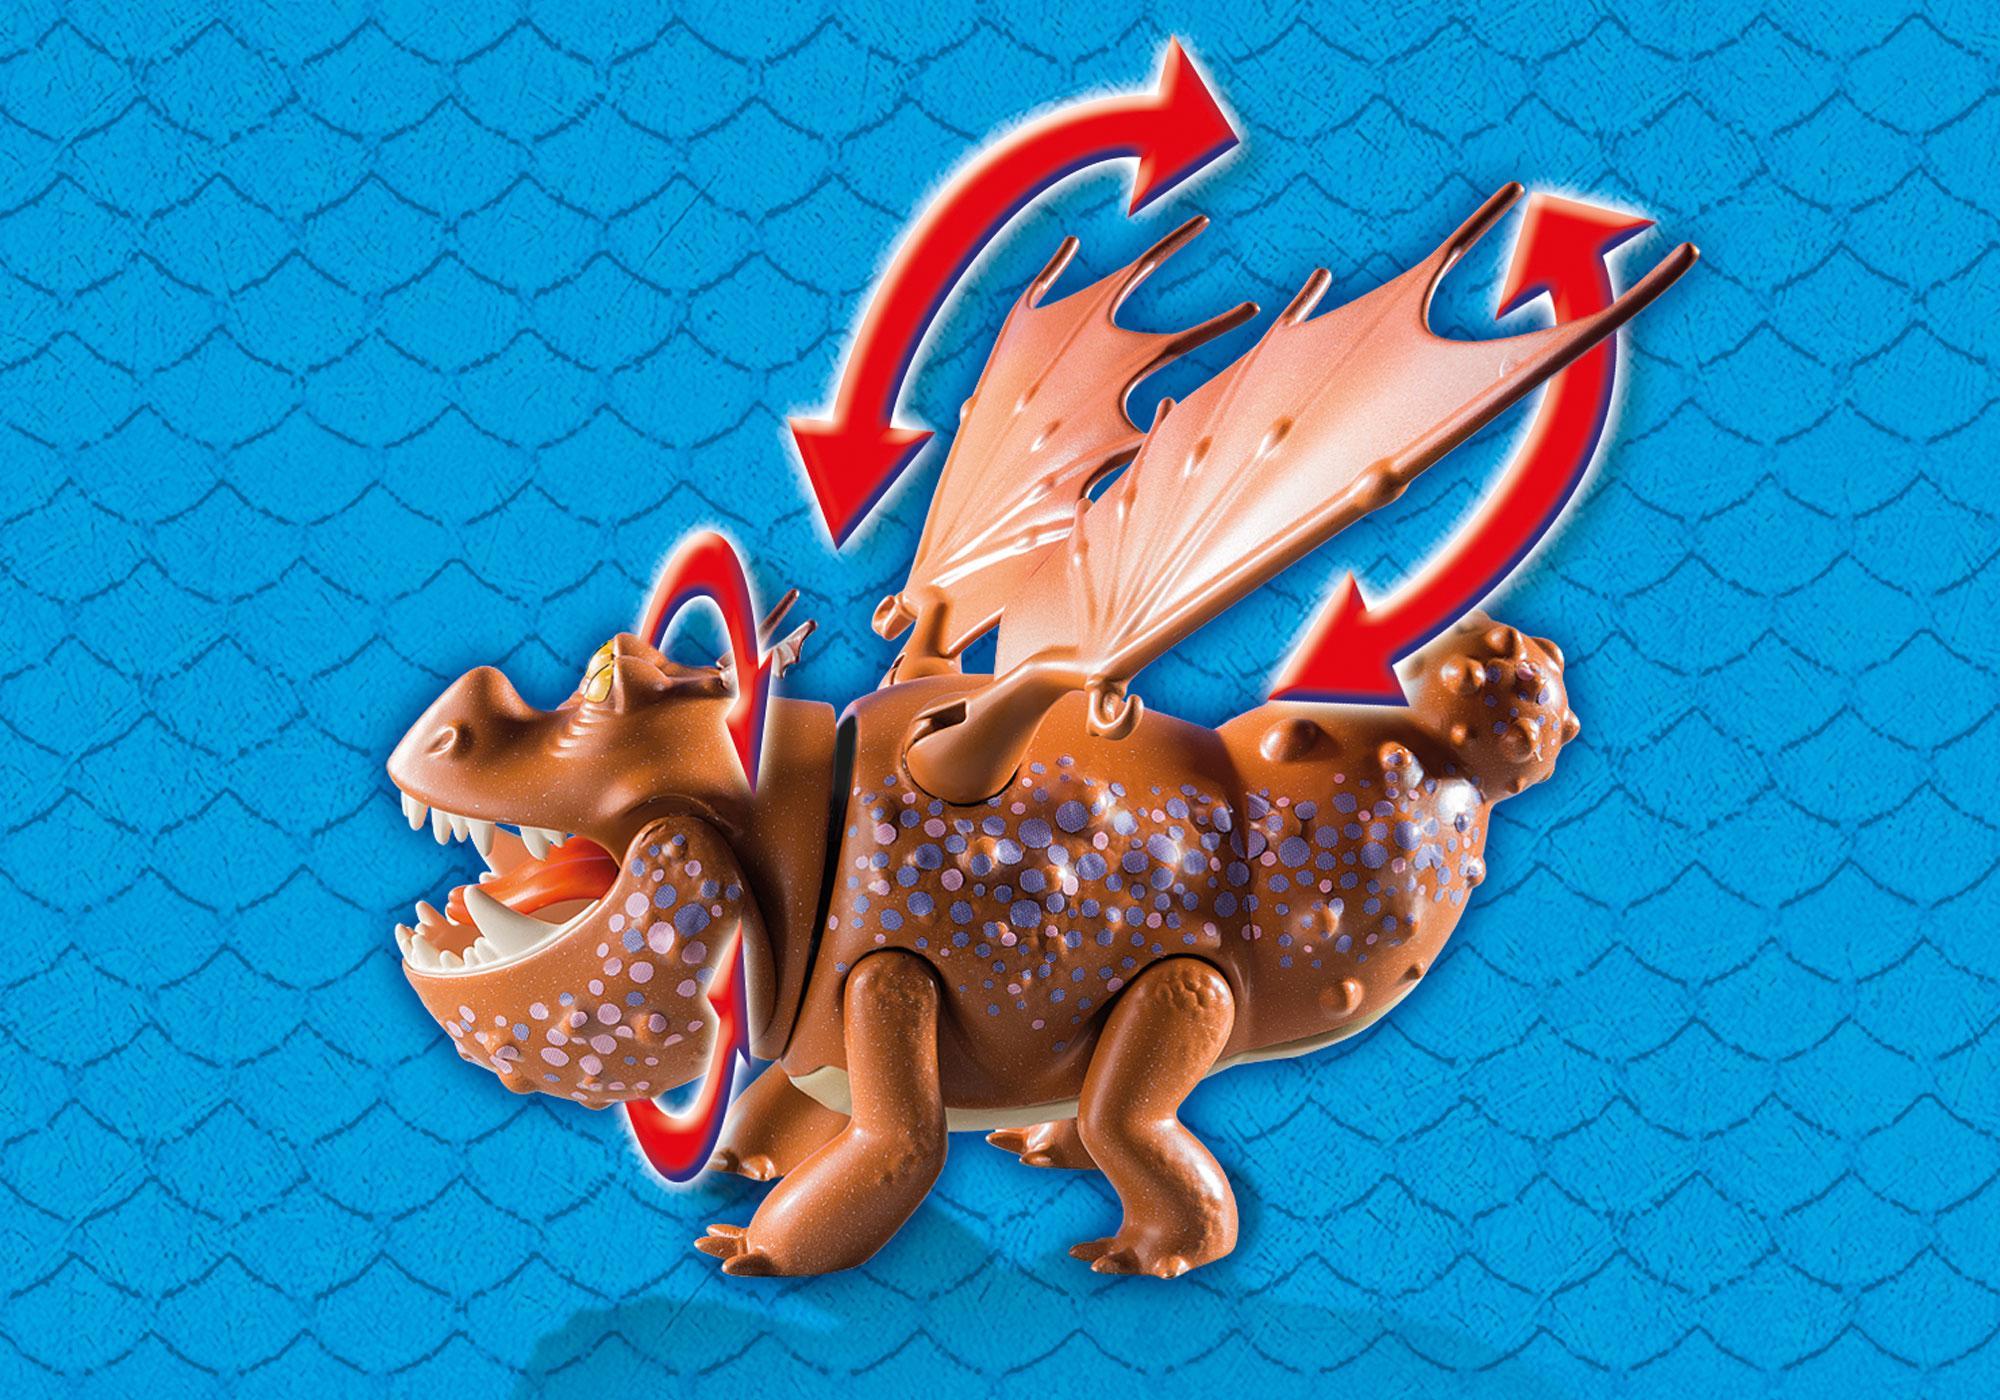 http://media.playmobil.com/i/playmobil/9460_product_extra1/Molenga e Perna de Peixe